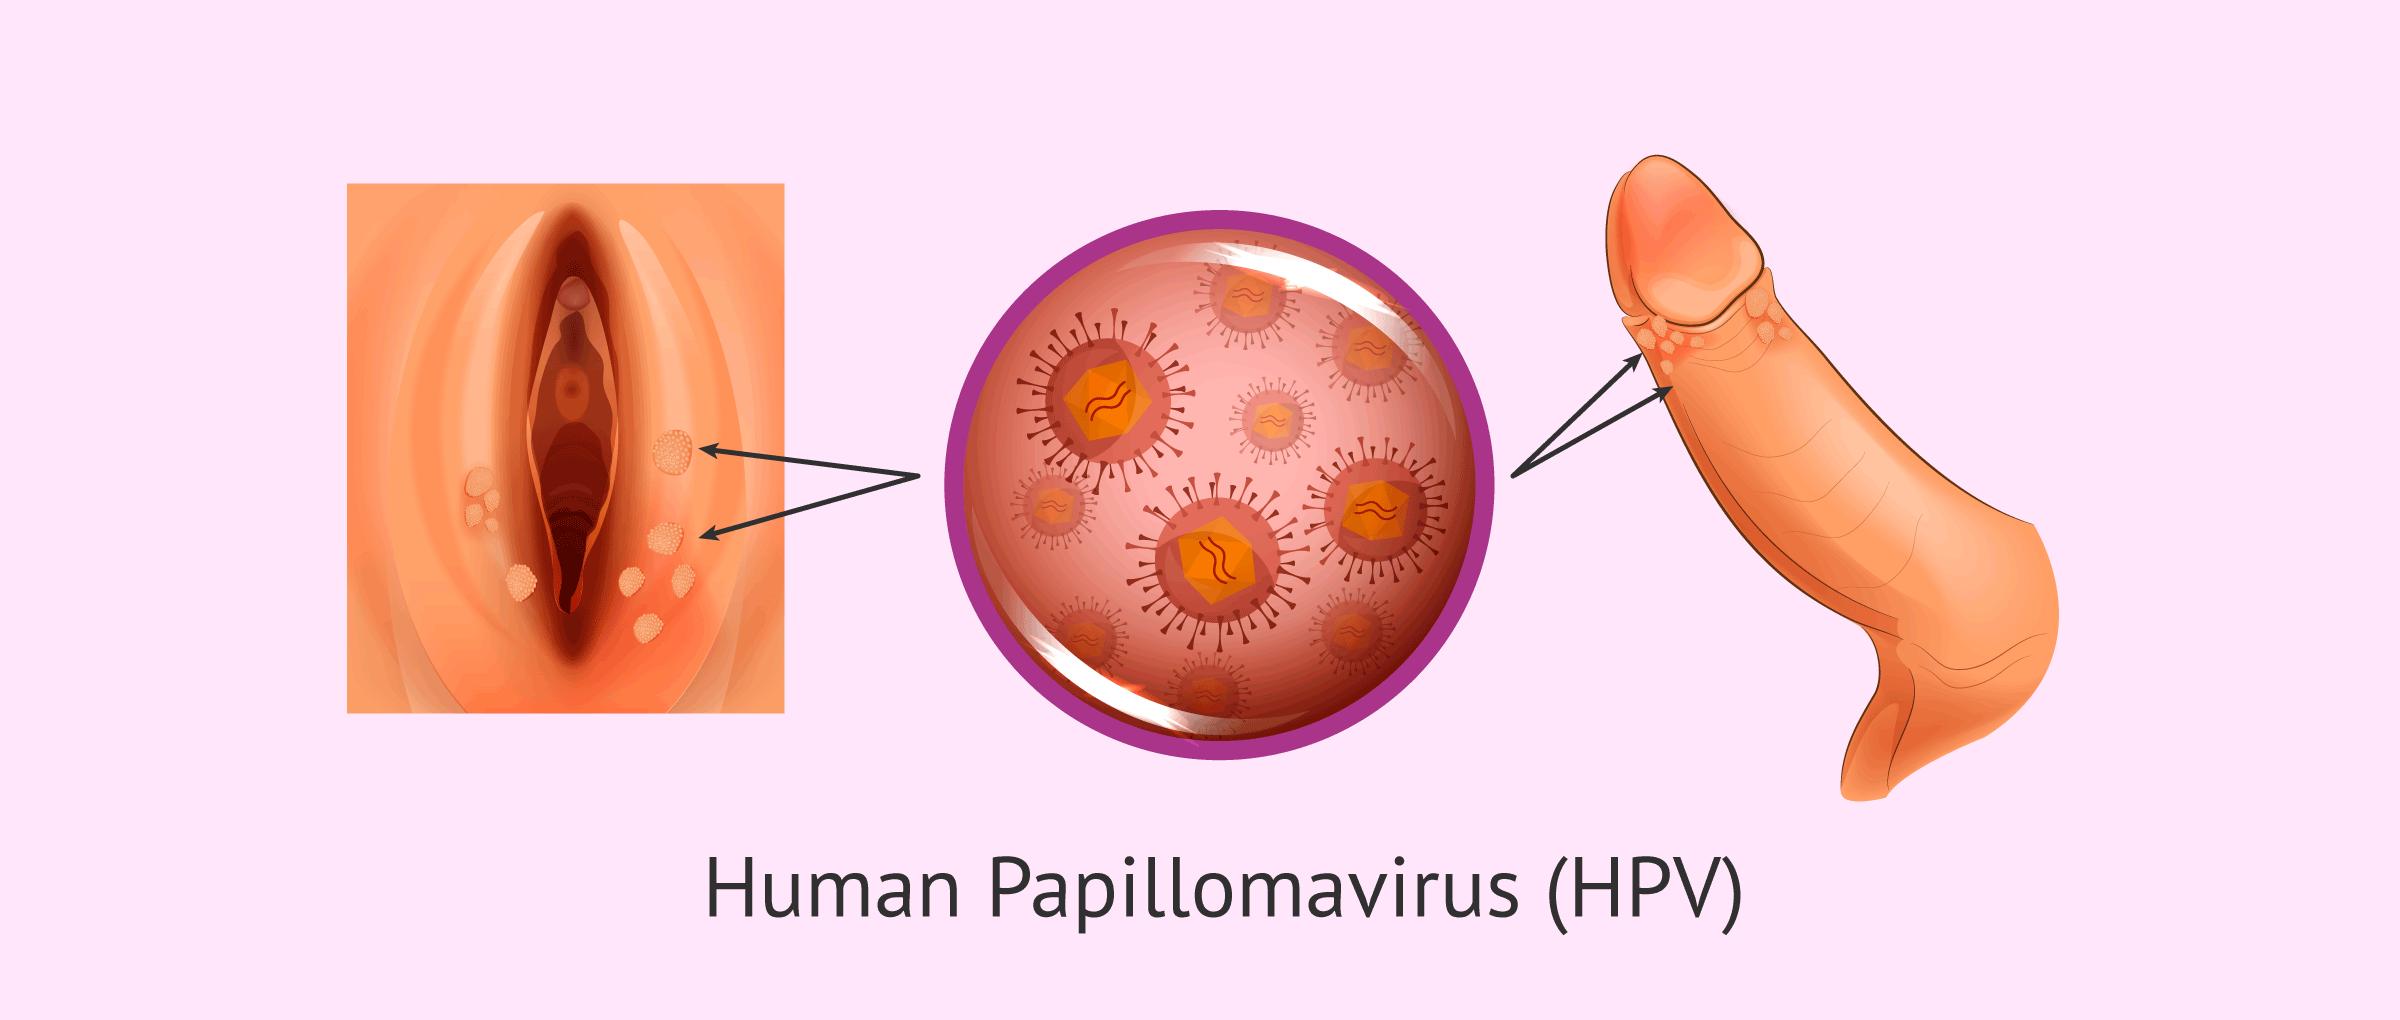 humaan papillomavirus type 16